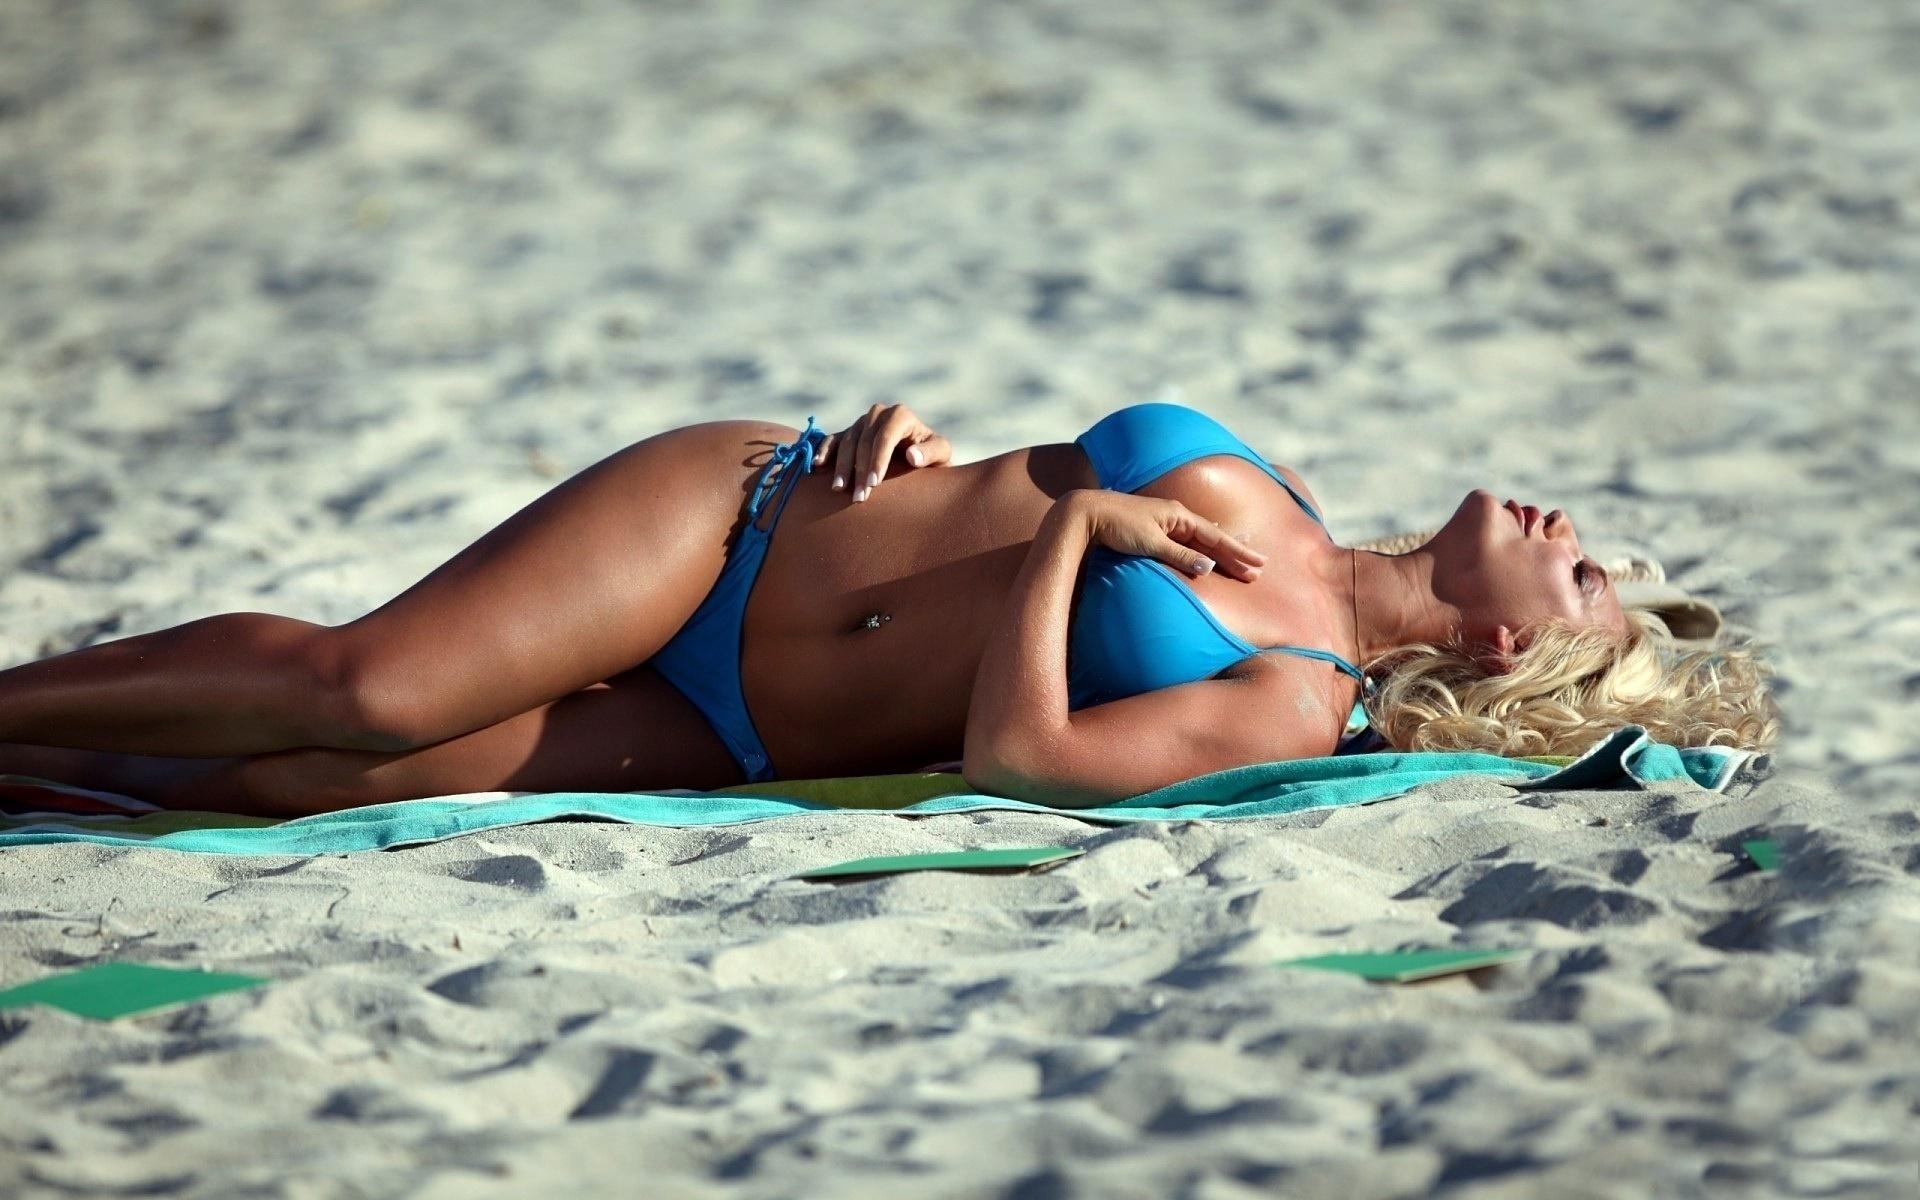 блондинка, песок, бикини